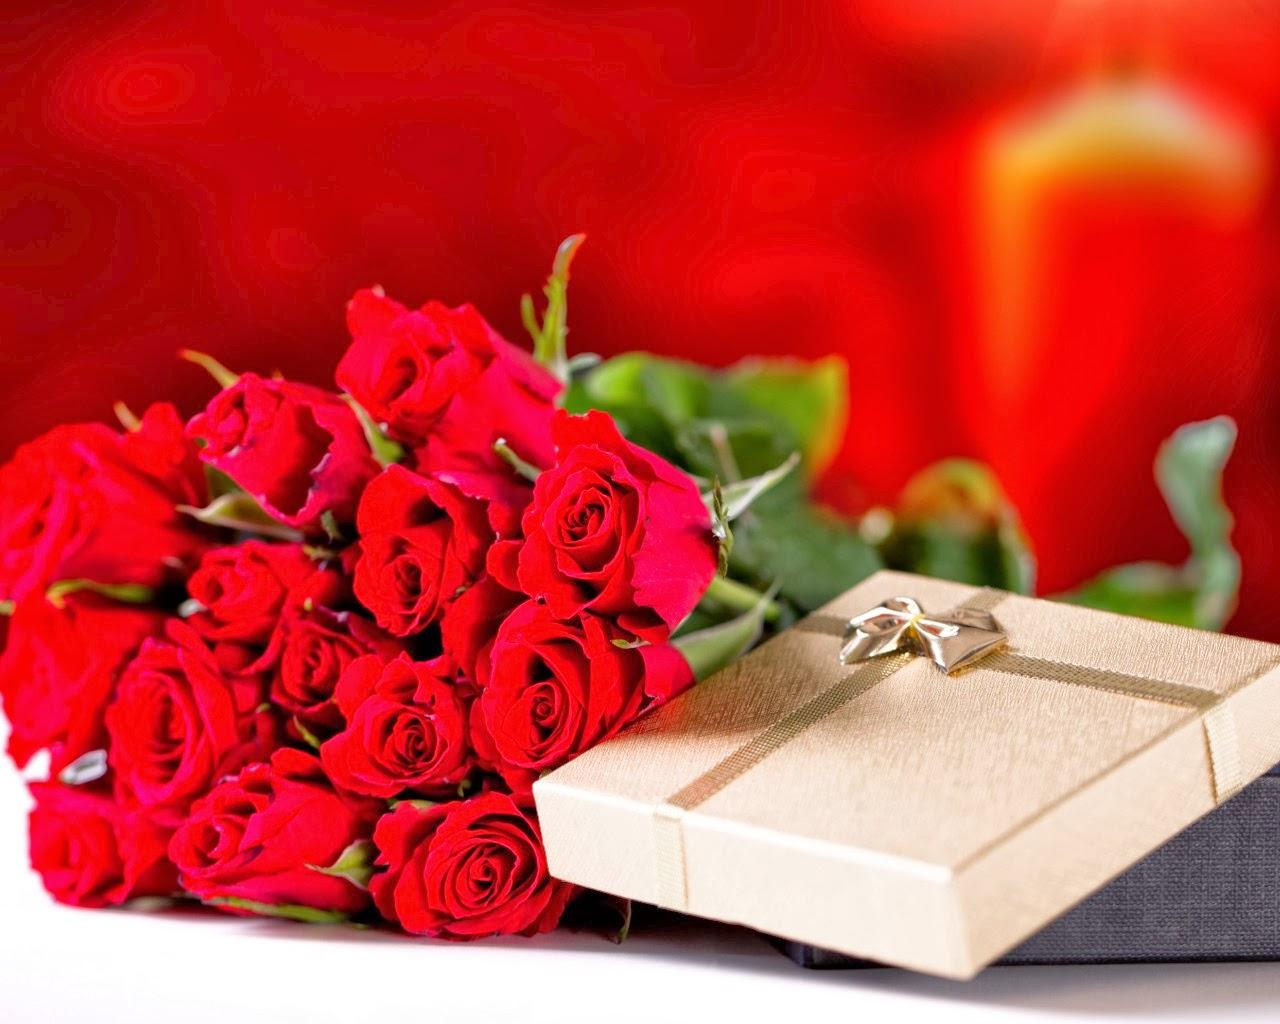 بالصور صور ورد حب , الورد وتعبيره عن المحبة والرومانسية بين العشاق 3284 10